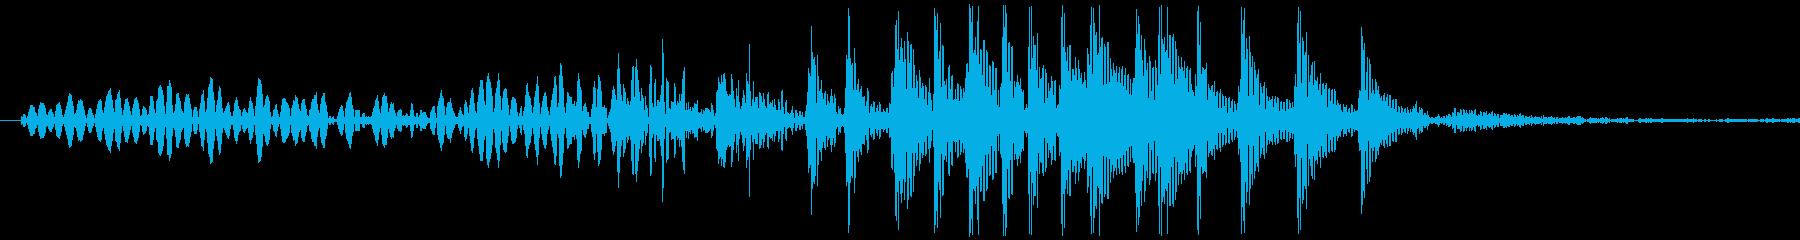 グヮ。アヒル・ガチョウの鳴き声の再生済みの波形